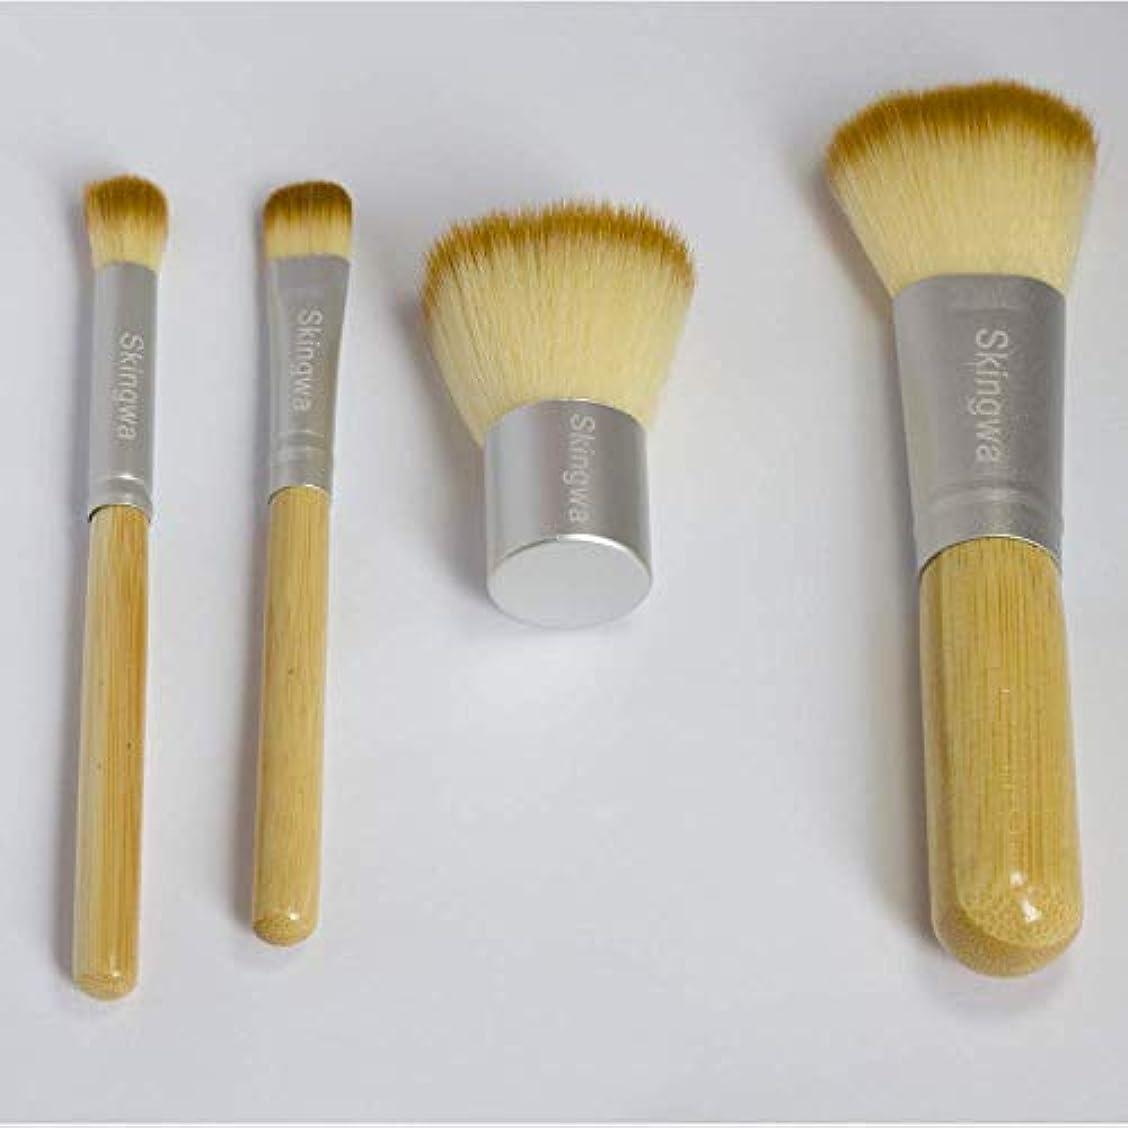 番目減衰患者Skingwa 化粧 ブラシ メイクアップ ブラシ セット